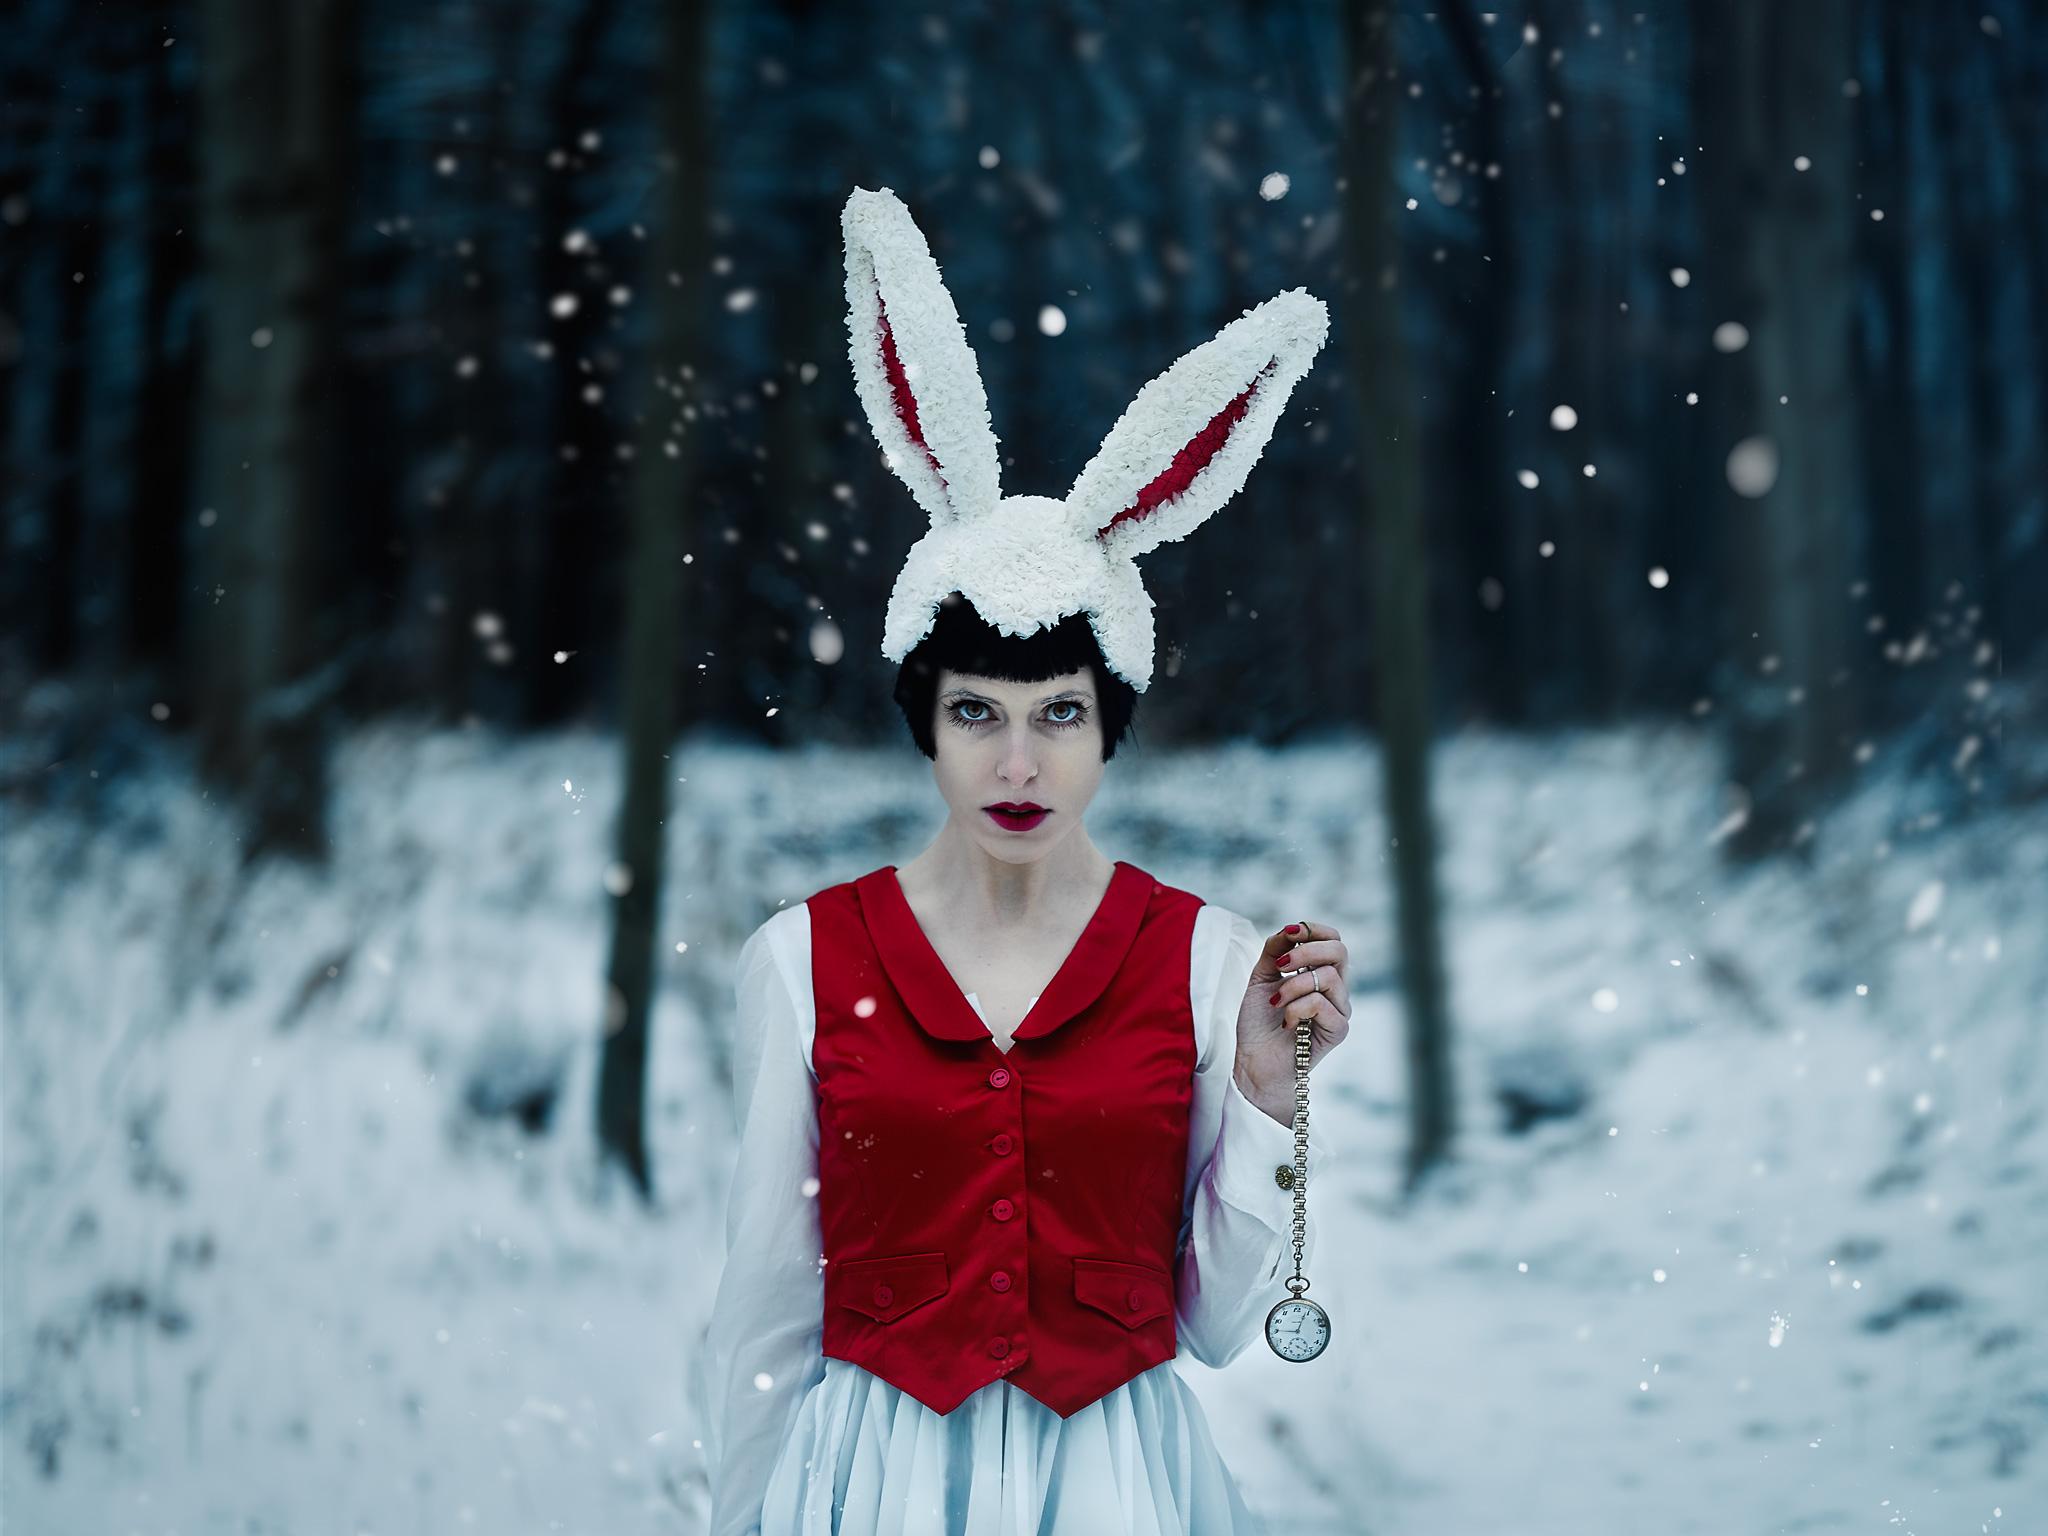 Follow the white Rabbit...